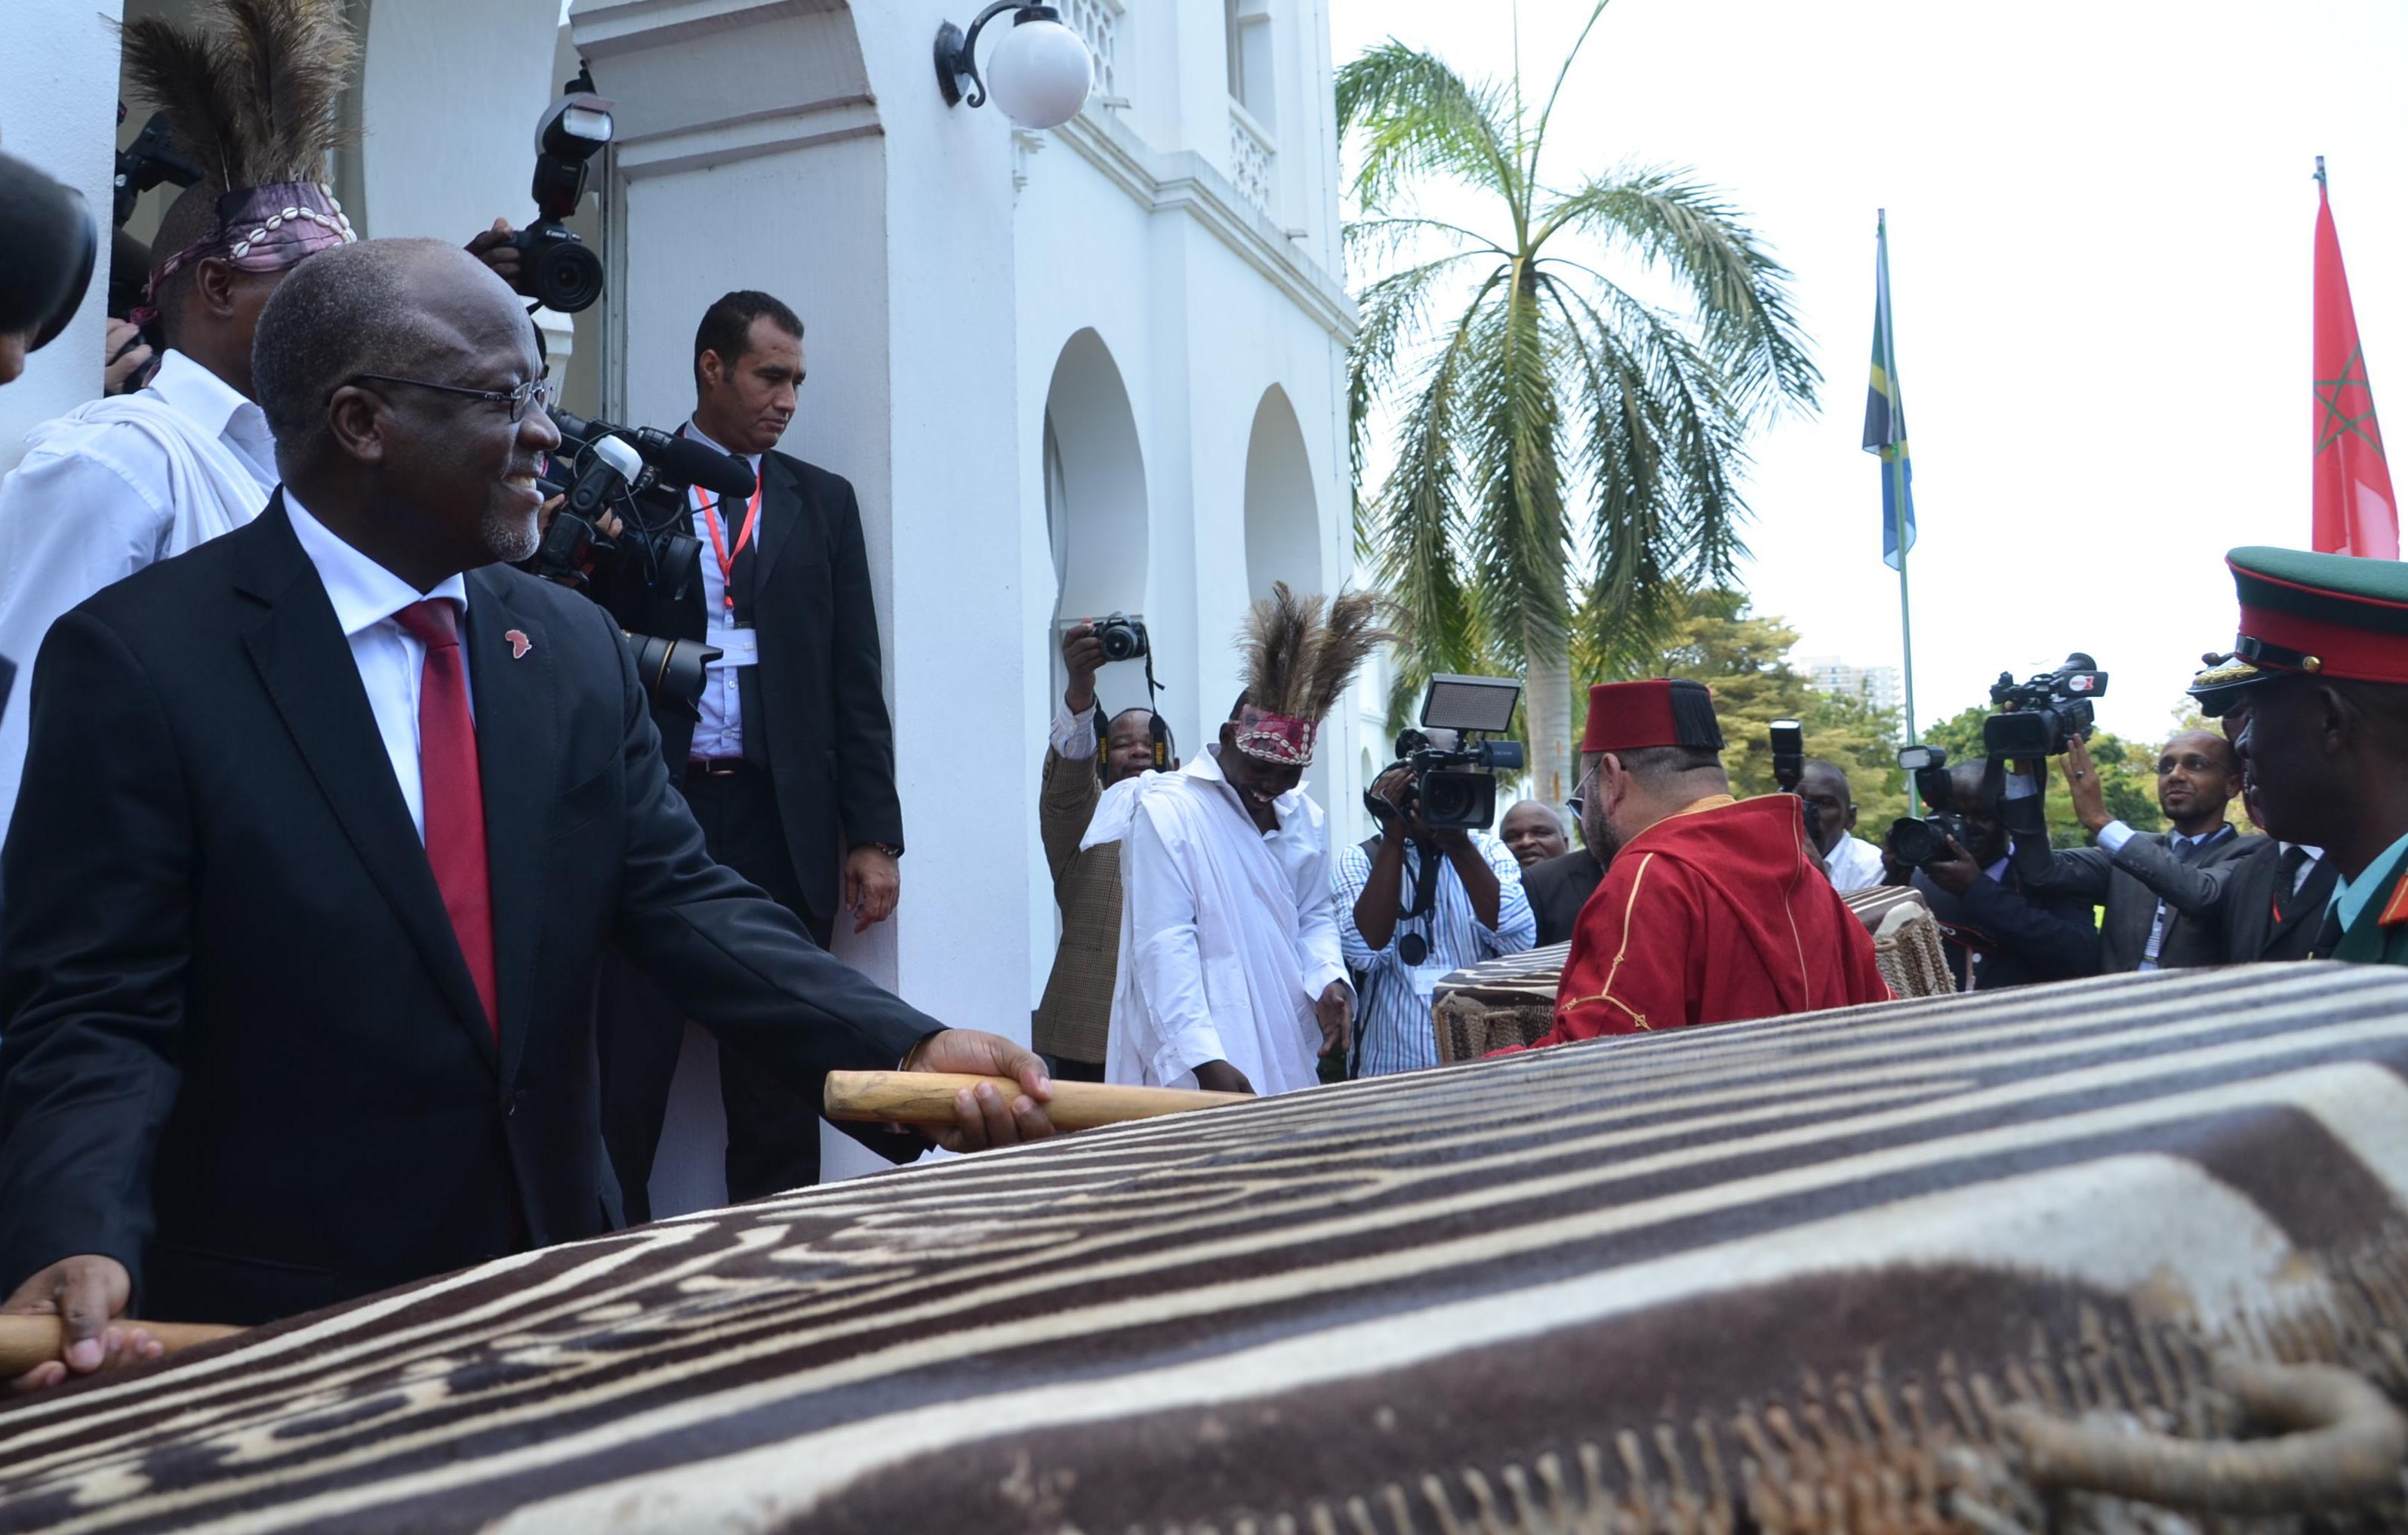 Rais wa Jamhuri ya Muungano wa Tanzania Dkt. John Pombe Magufuli akimshukuru Mfalme wa Morocco Mohamed VI mara baada ya kumaliza ziara yake ya kikazi jijini Dar es Salaam.